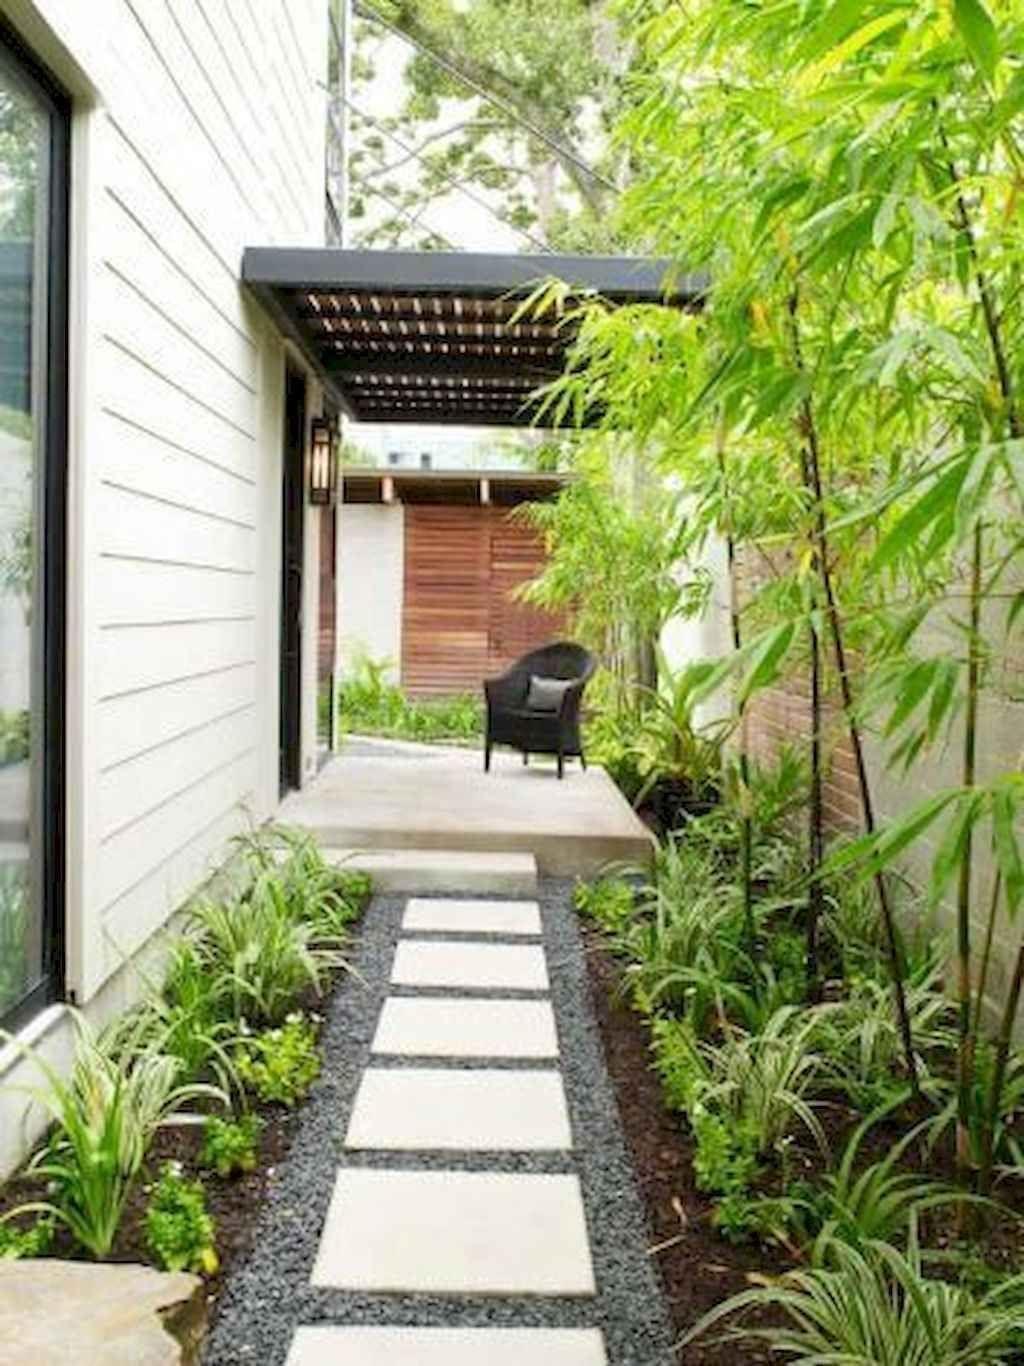 30 Rustic Garden Path Design Ideas To Copy Asap Gagohome